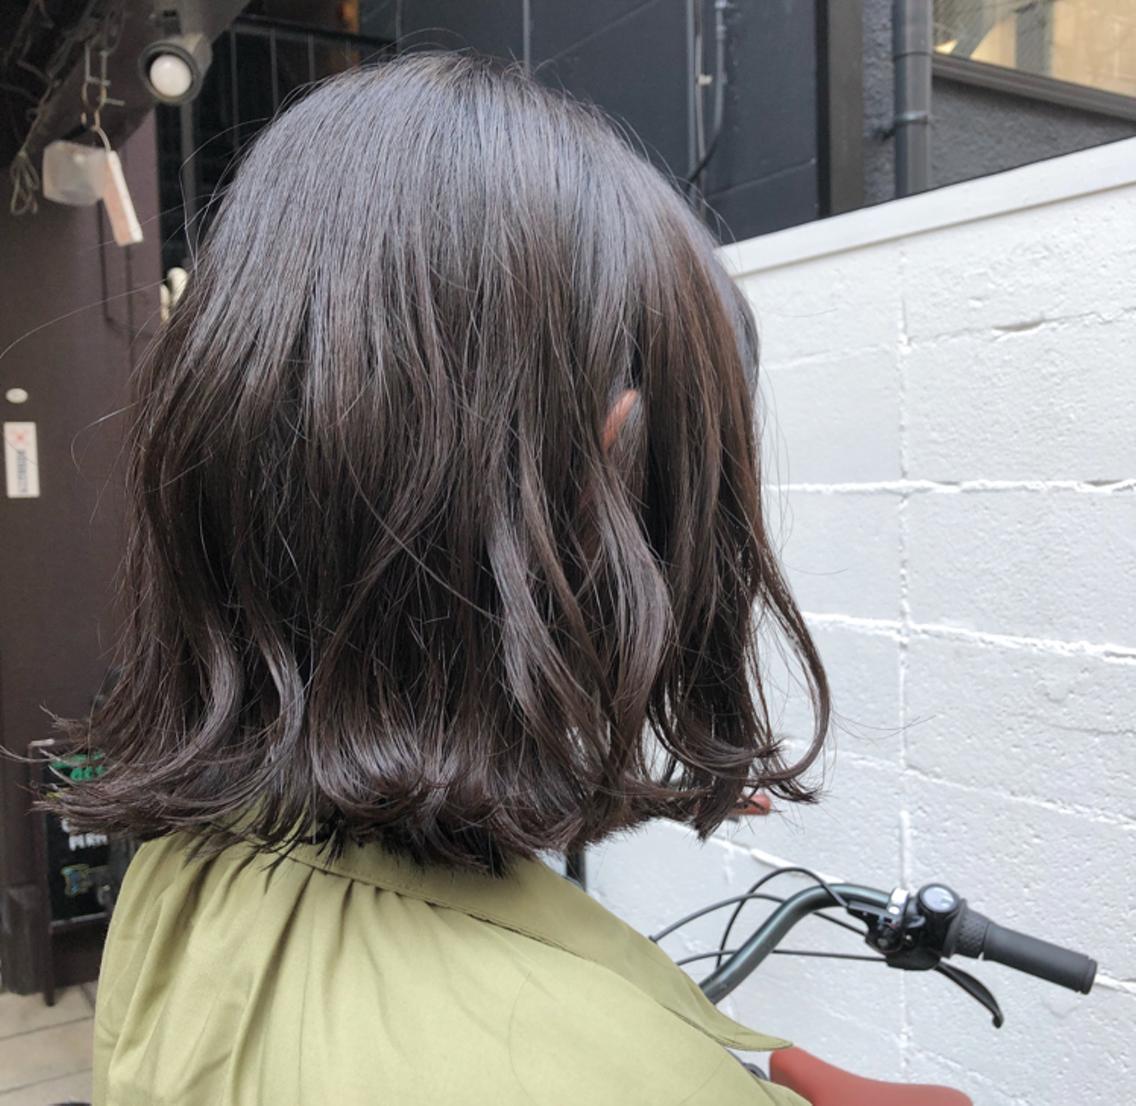 ❤️✨ツヤ髪になれるピコカラー✨❤️材料費のみ✨❤️ カラー / カット / パーマ / ストレートパーマ / トリートメント モデル募集しています✨